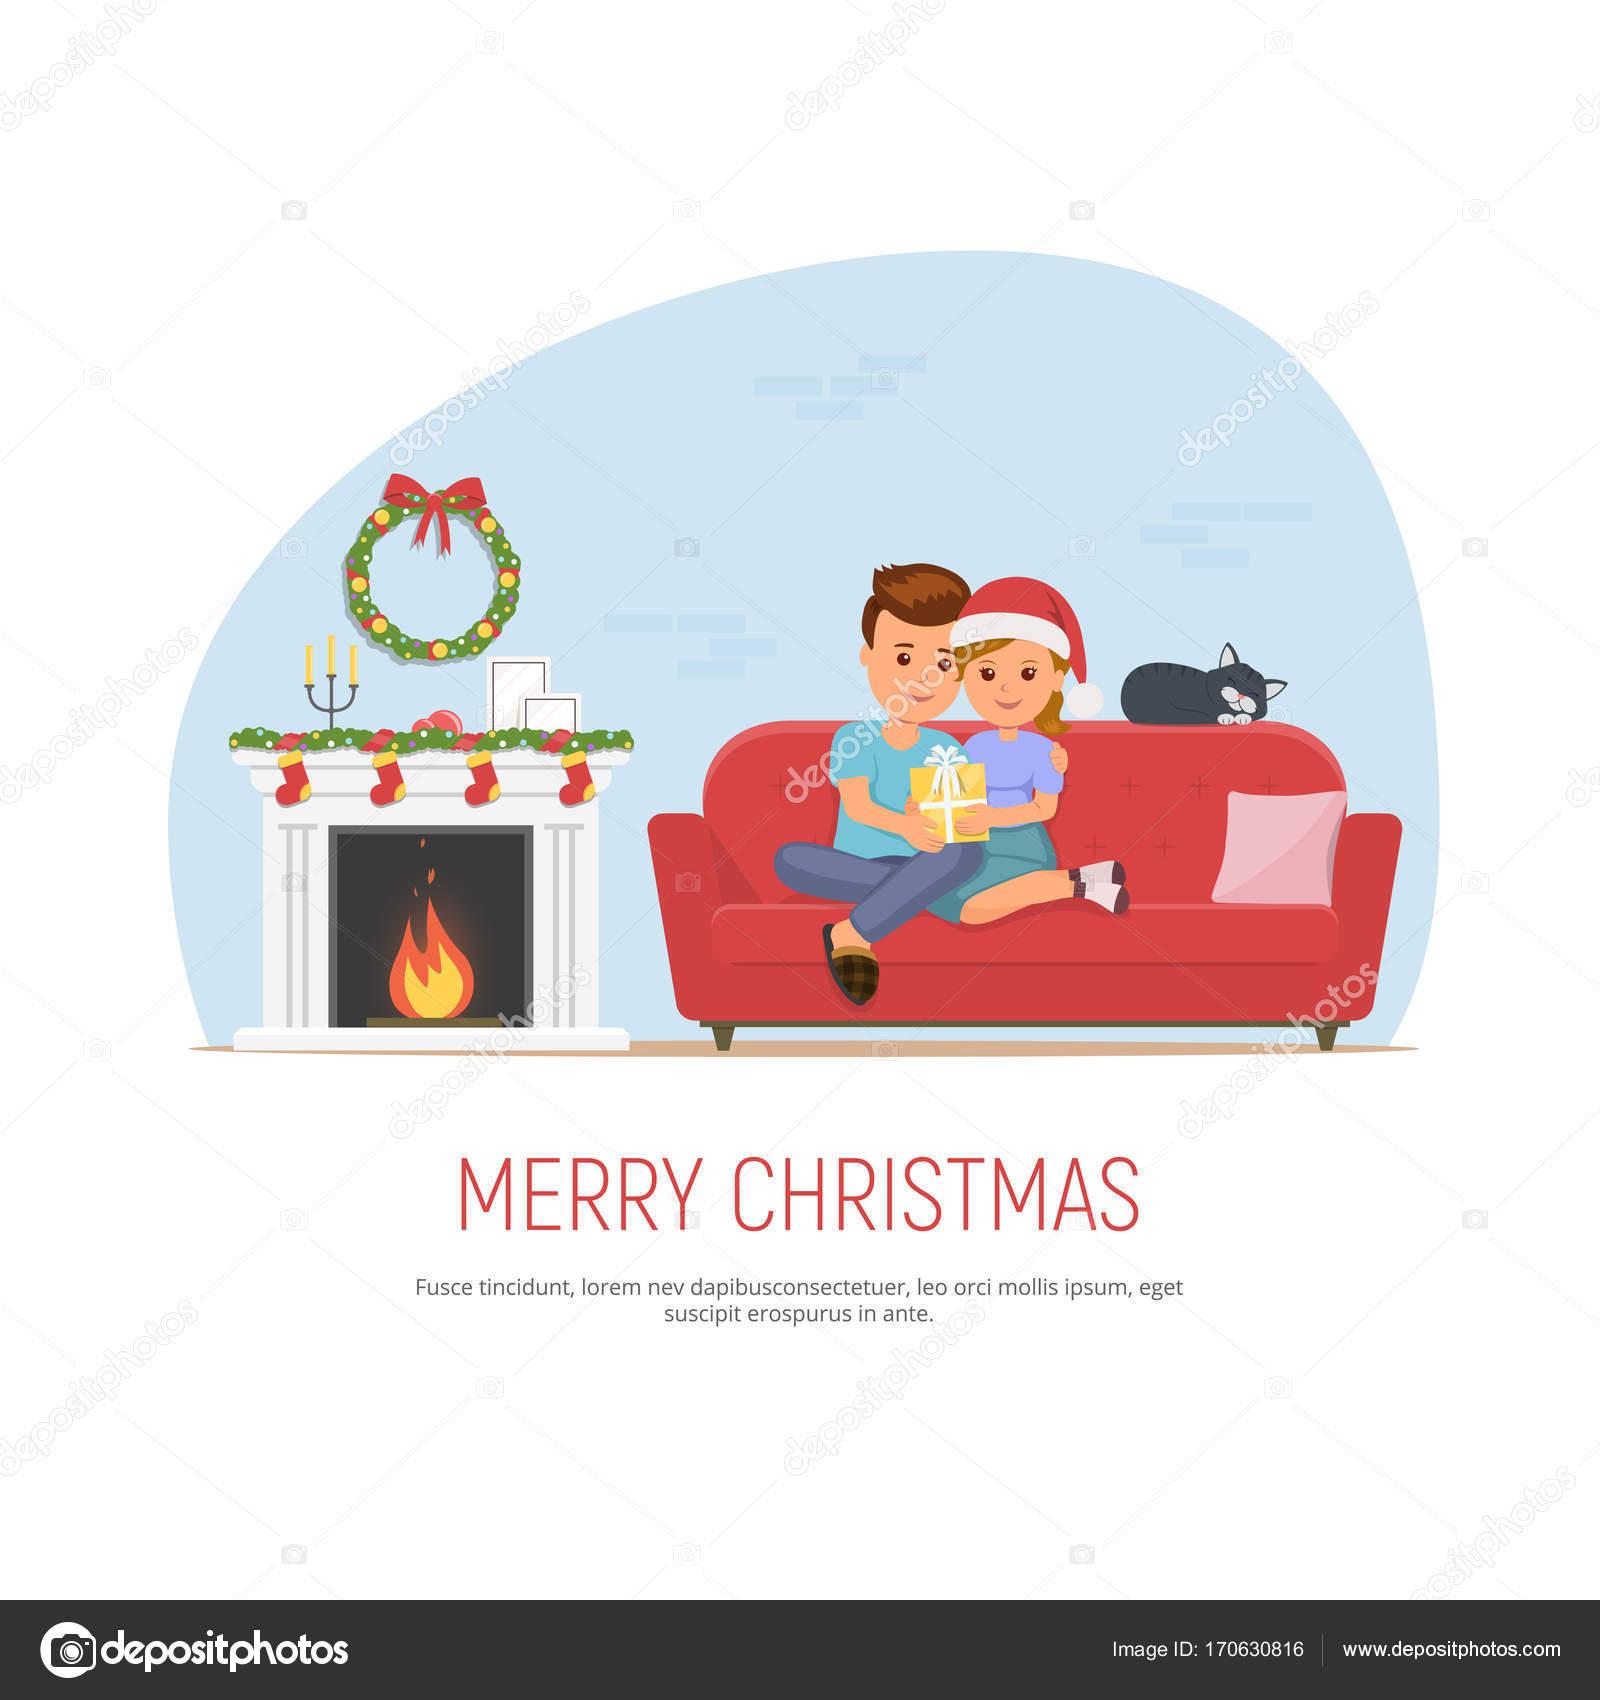 クリスマスを祝う幸せなカップル。女の子は男性にクリスマス プレゼント